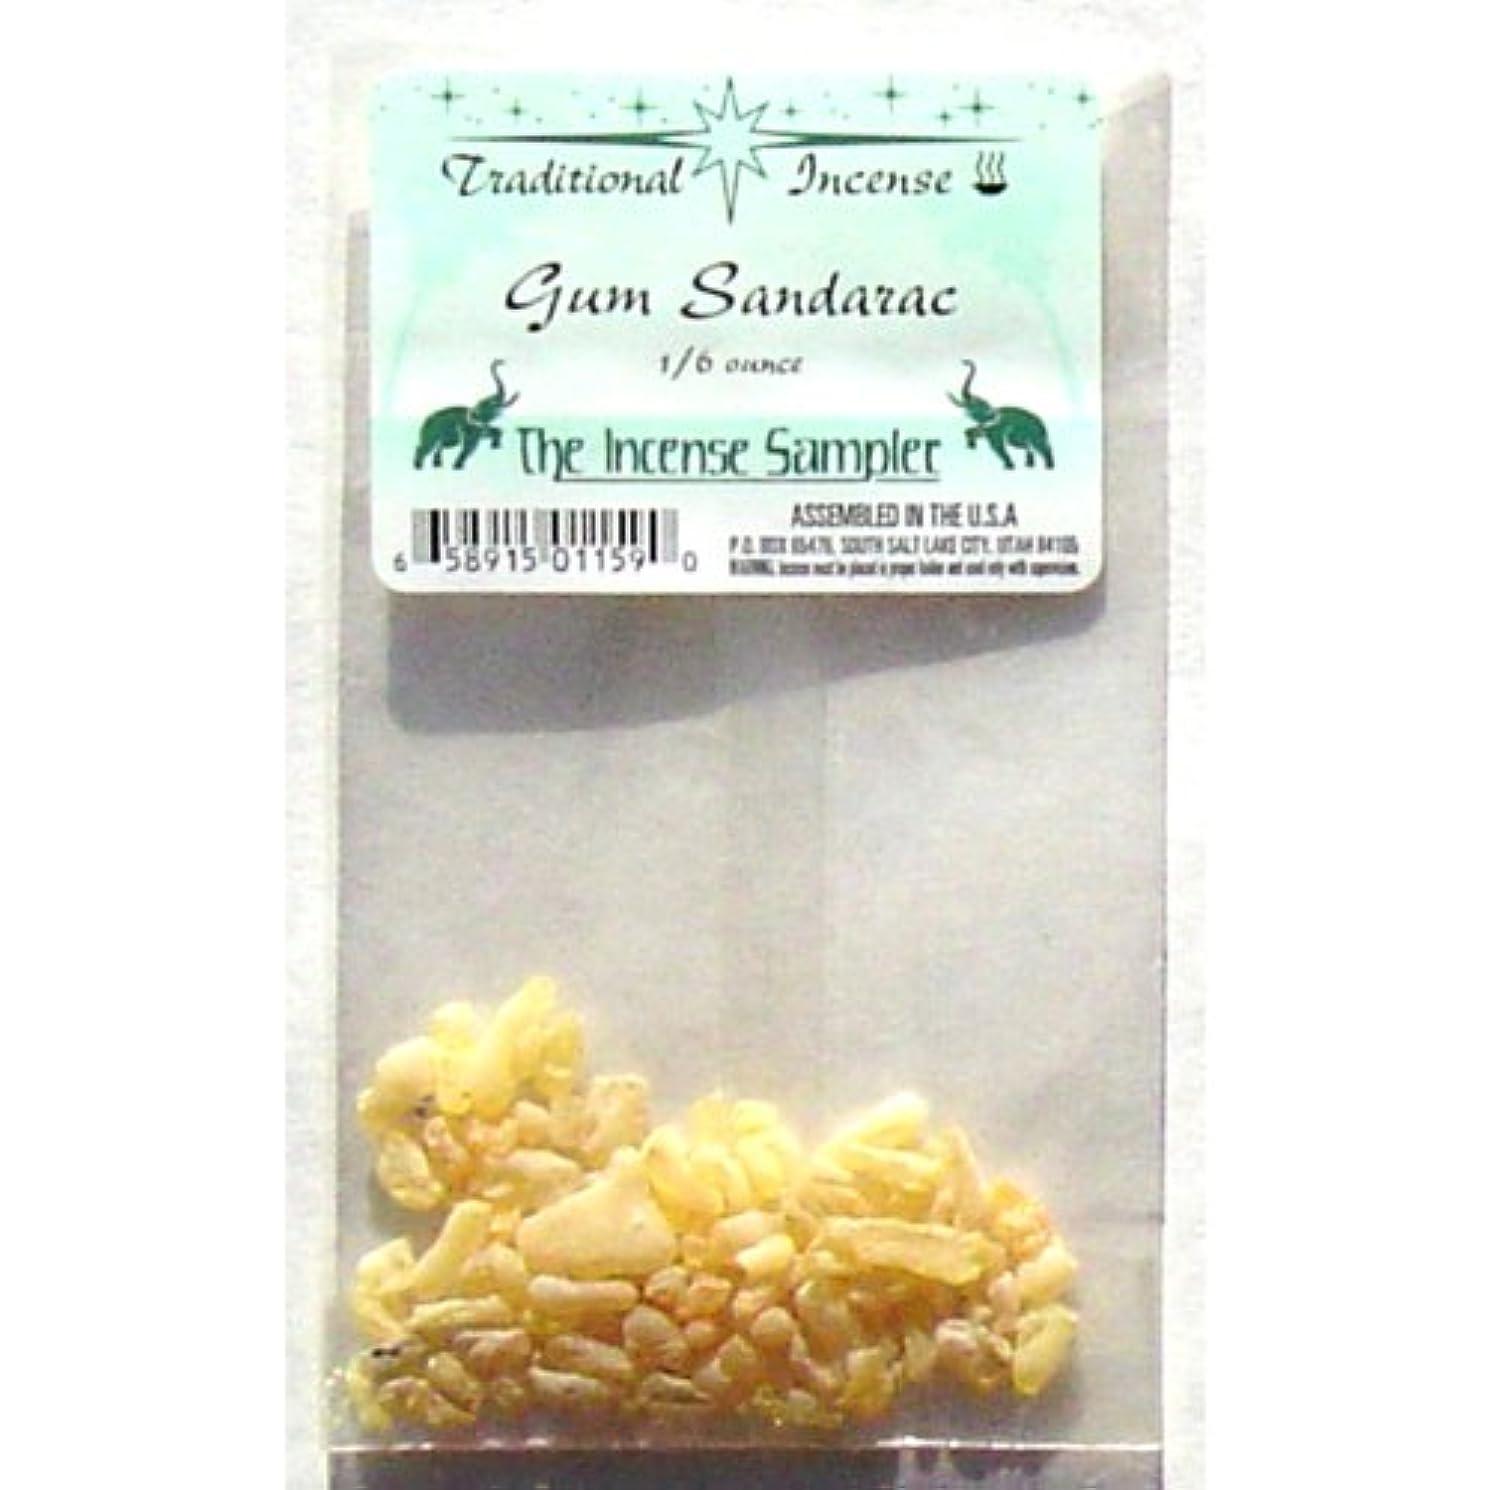 と組む扇動する背の高いGum Sandarac Incense Packaged in 3